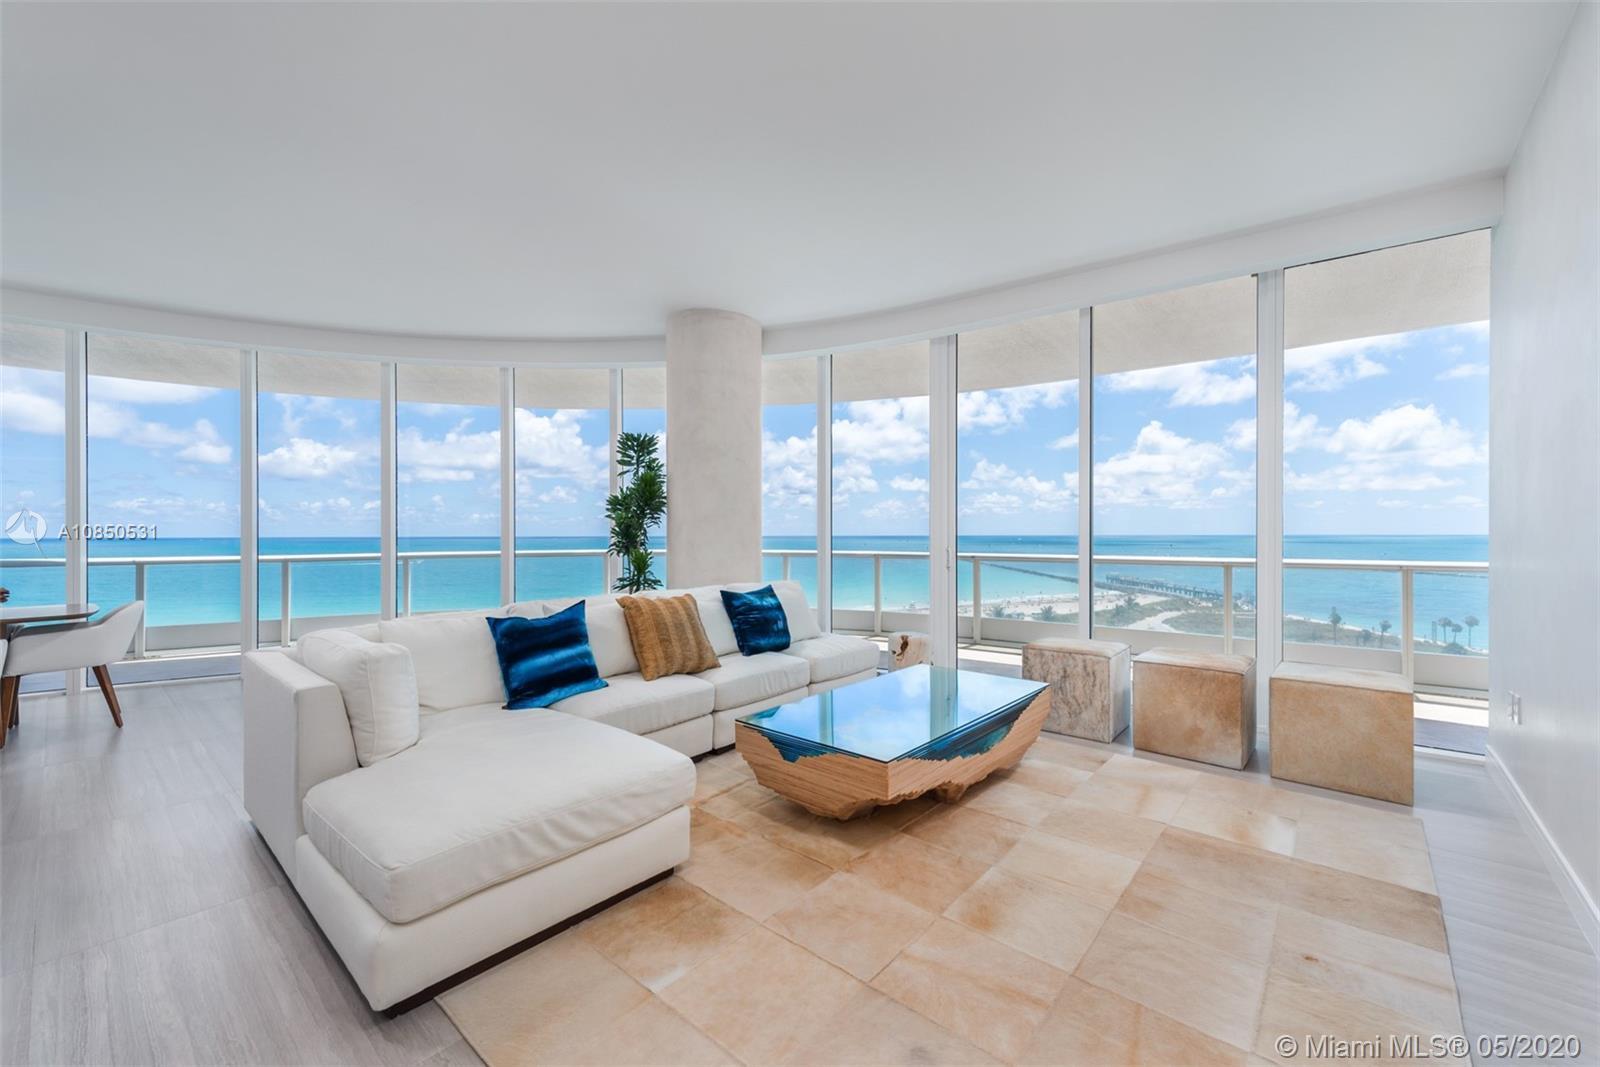 Continuum South #1006 - 100 S Pointe Dr #1006, Miami Beach, FL 33139